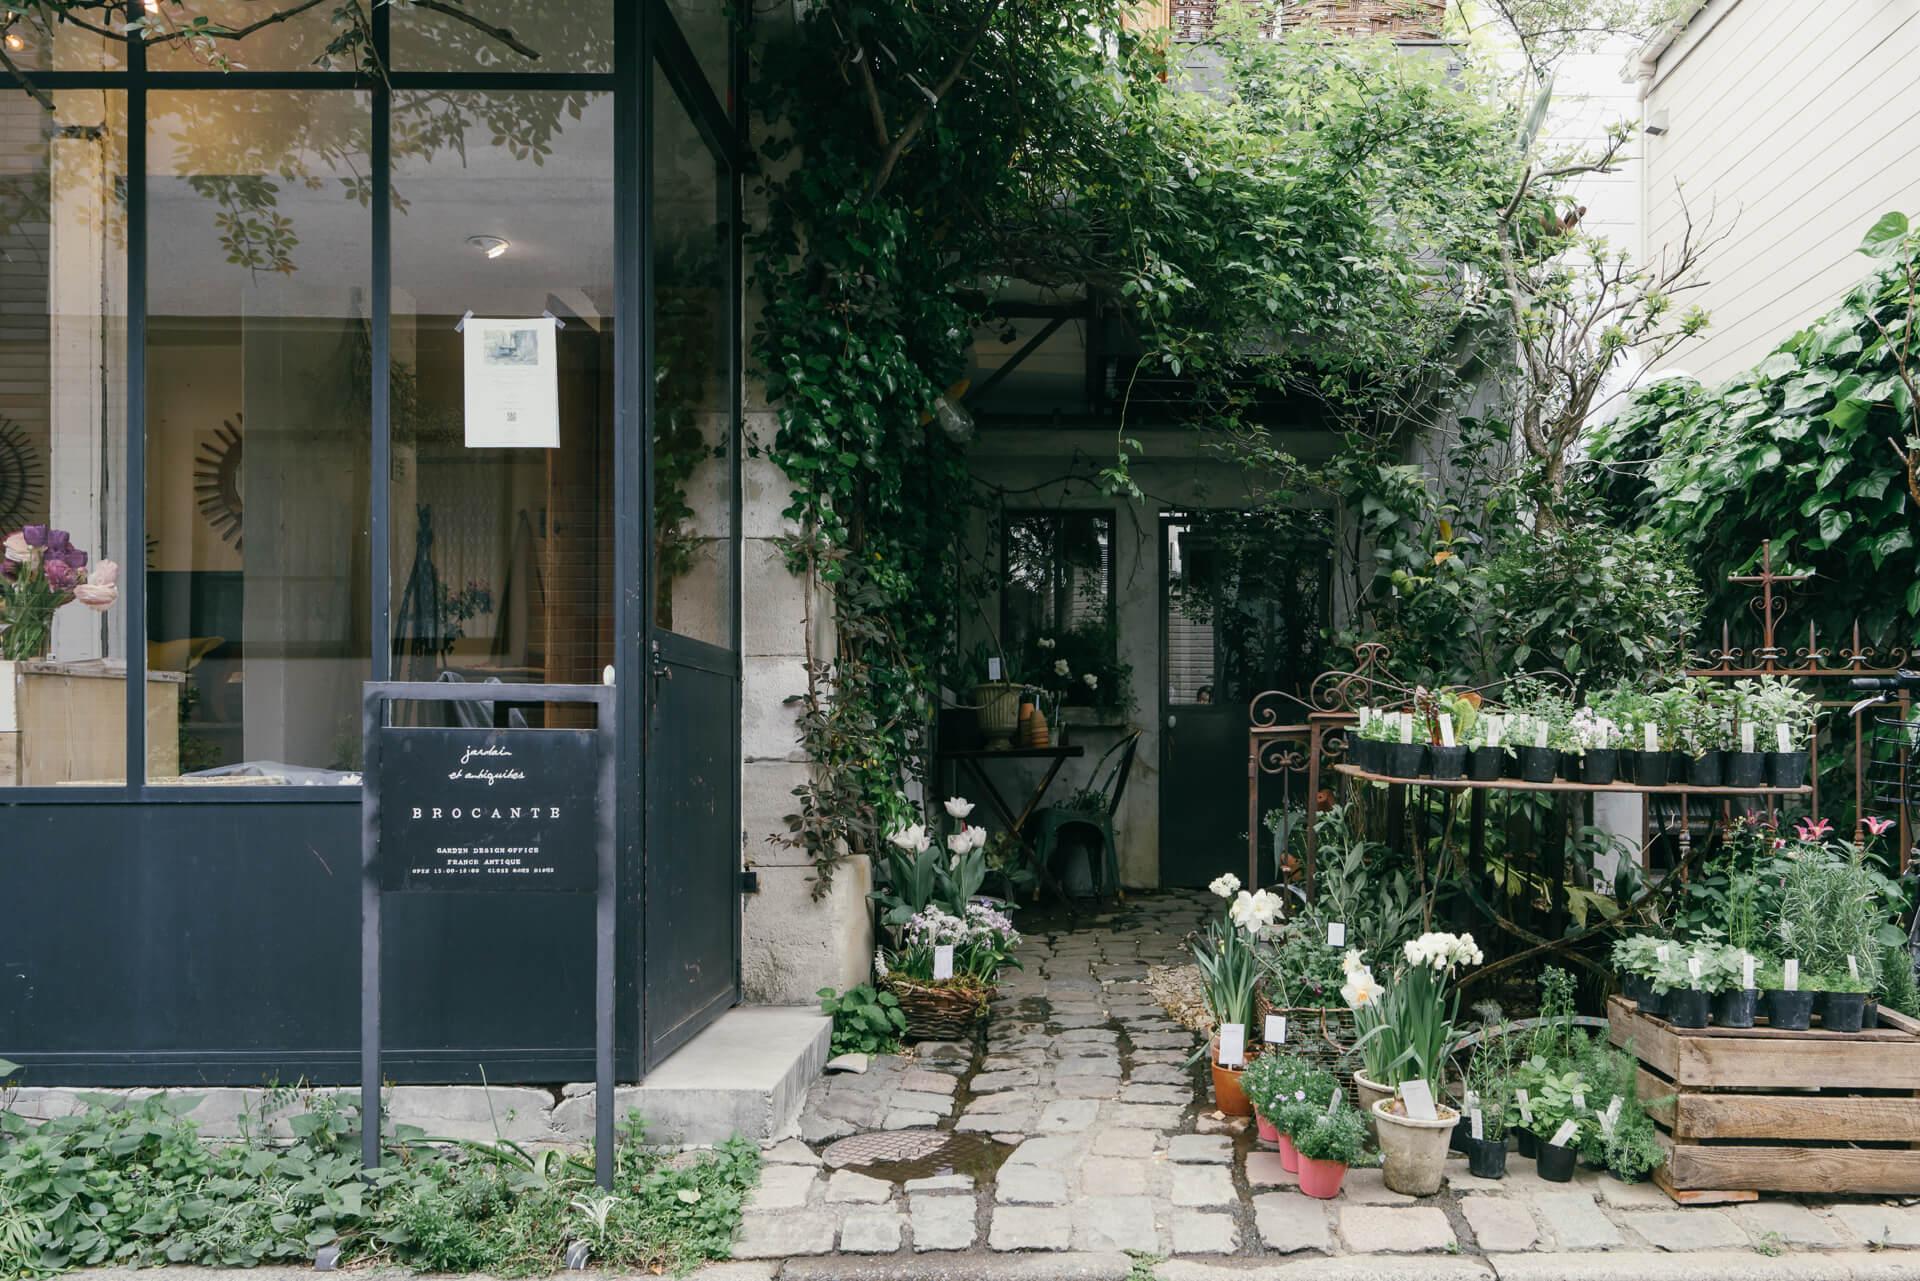 フランスアンティーク家具の販売と、ガーデンプランニングを行うBROCANTE(ブロカント)